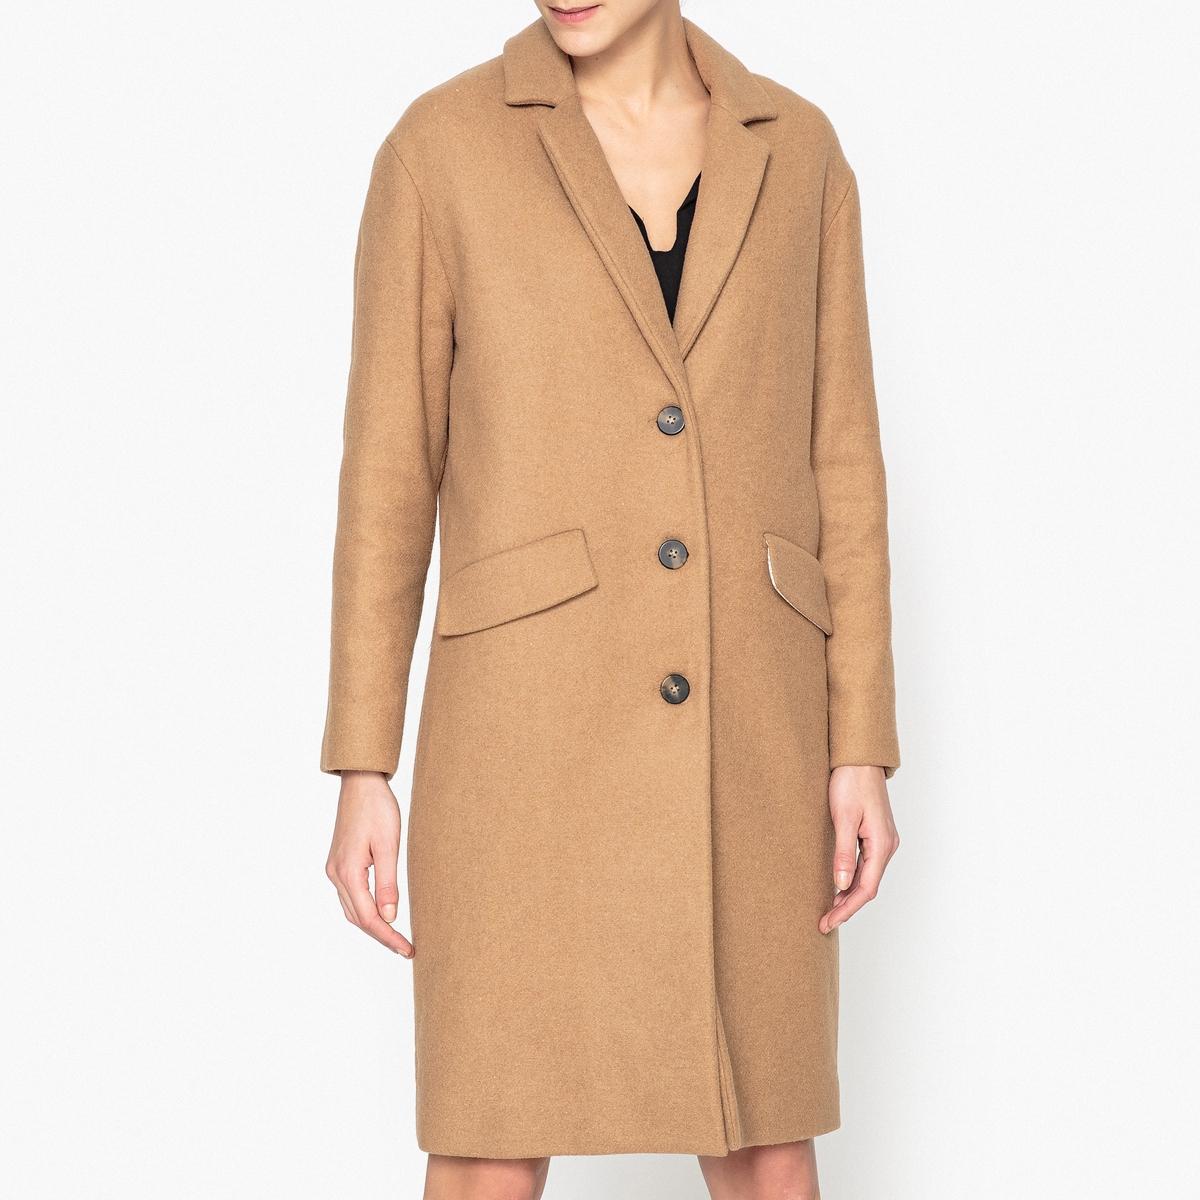 Драповое длинное пальто из шерсти CLAUDIUS пальто драповое 30% шерсти